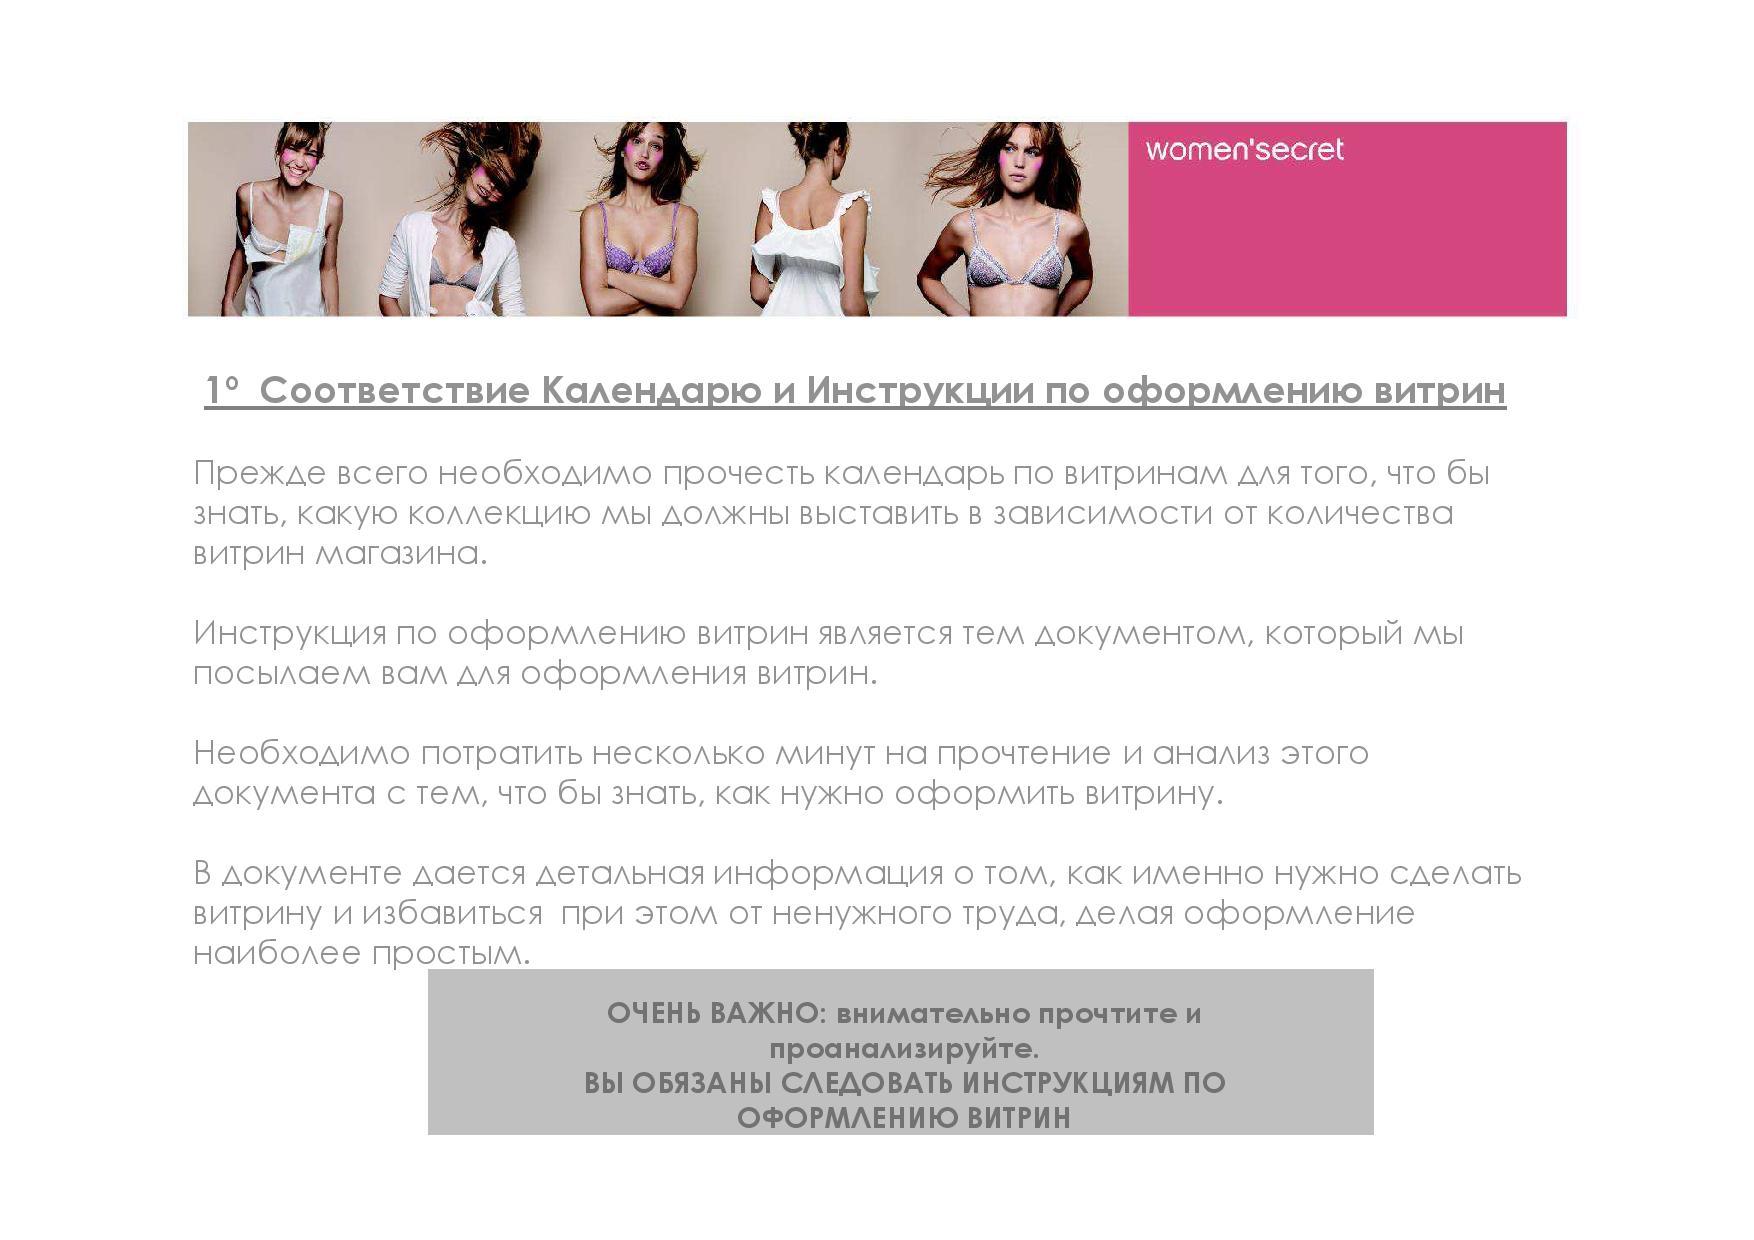 Escaparate traducción ruso pagina 4